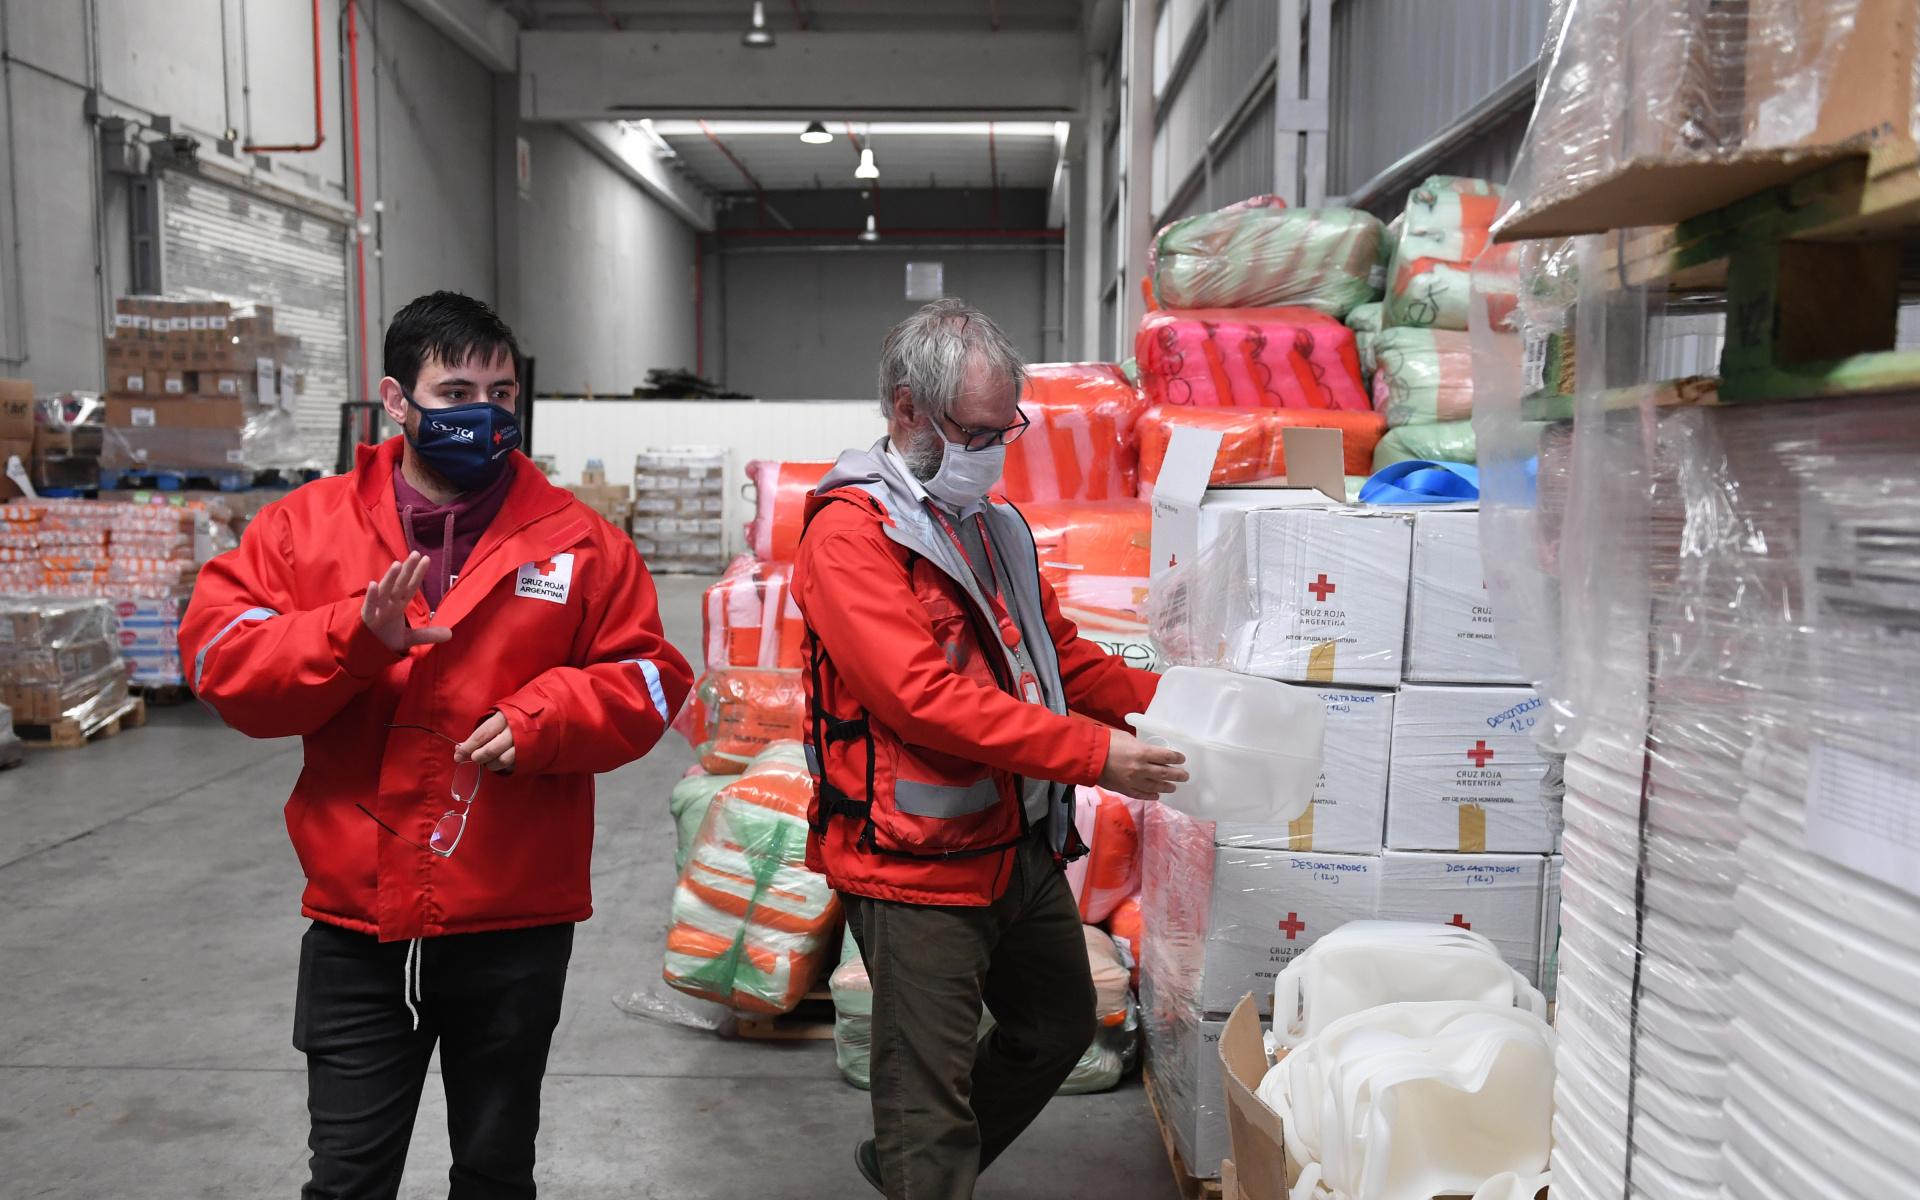 Este es uno de los espacios de almacenajes cedidos a Cruz Roja